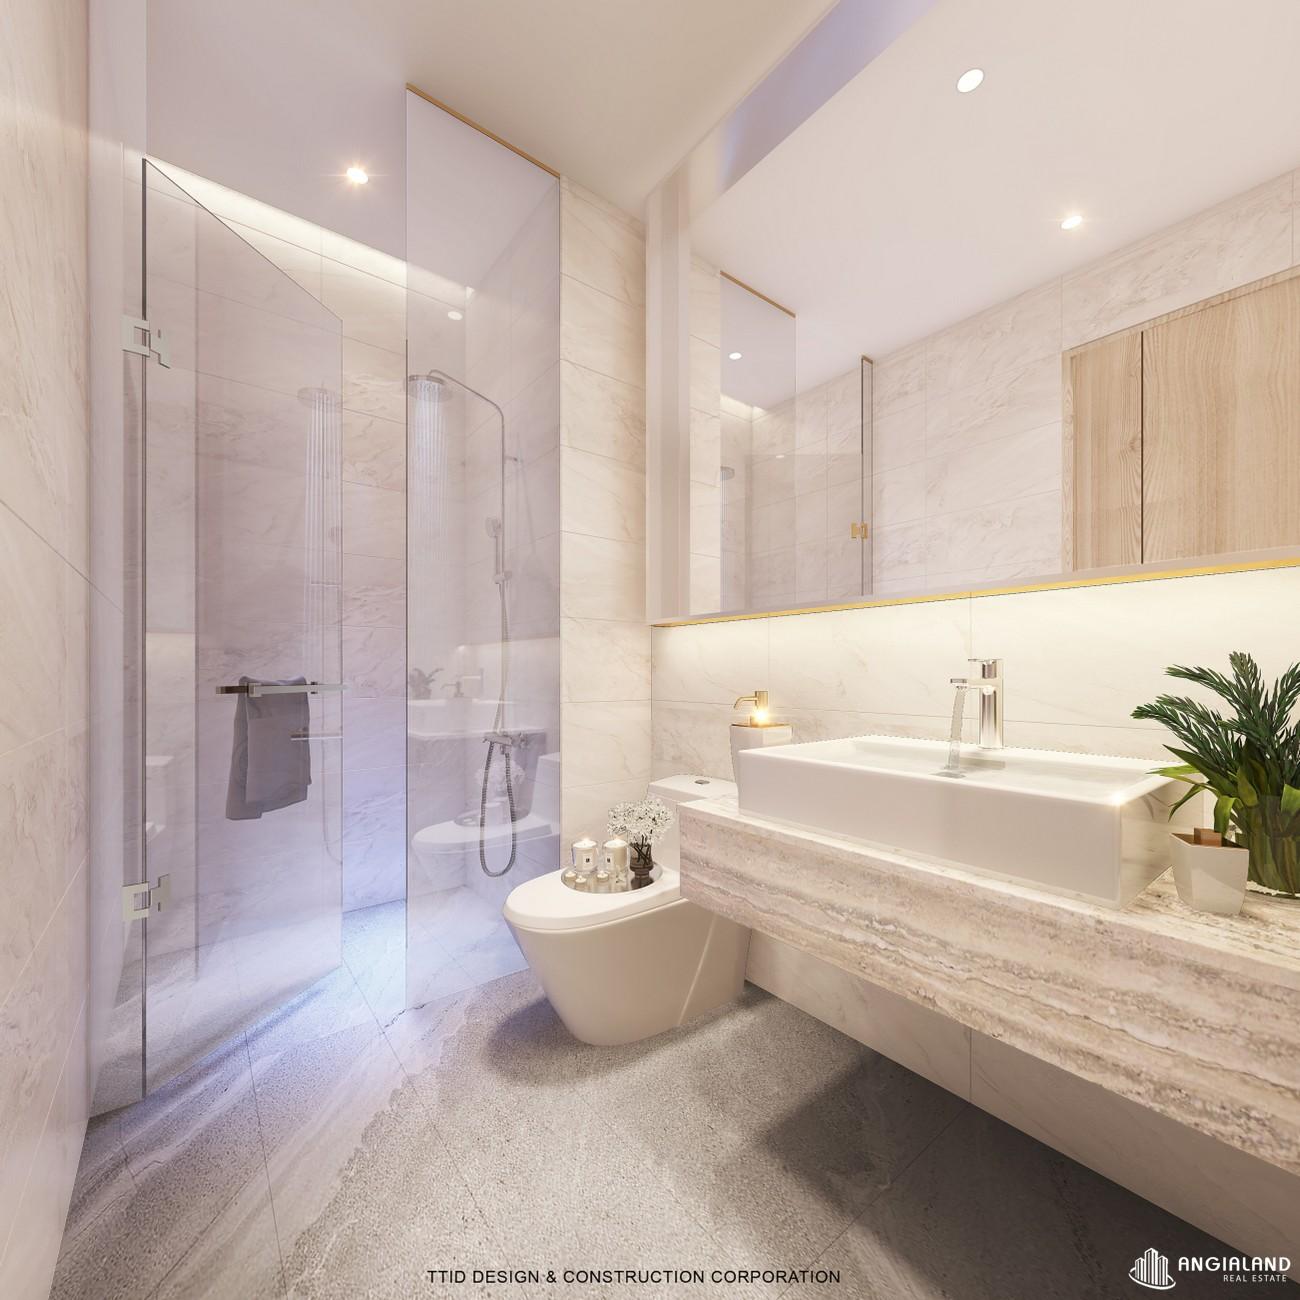 Thiết kế vệ sinh nhà mẫu Thảo Điền Green loại 1 phòng ngủ